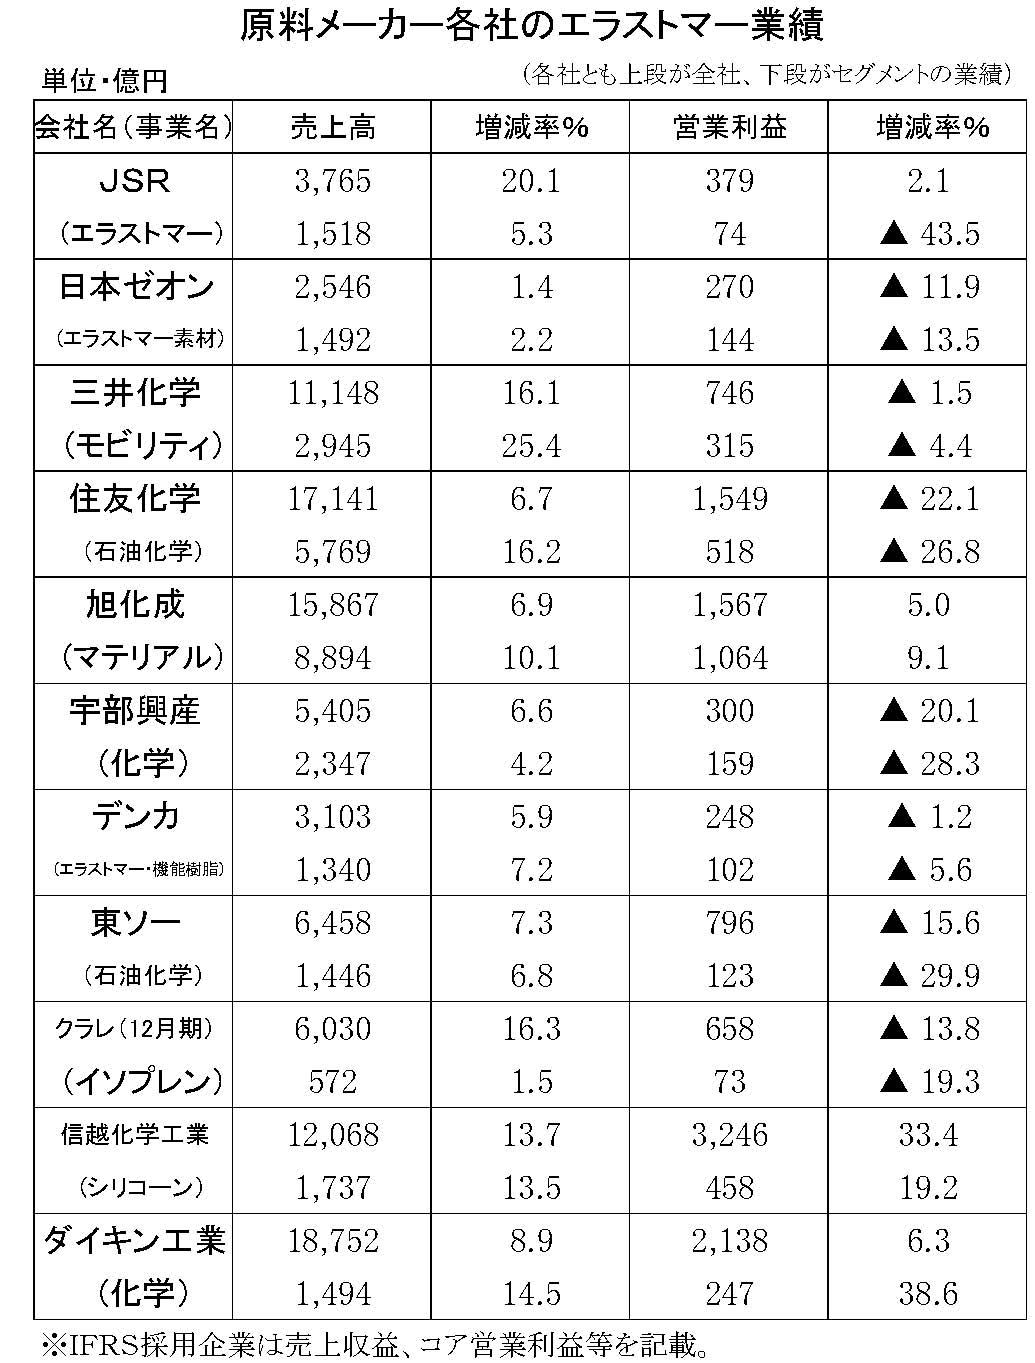 (年間使用)原料メーカーの業績 縦23横6